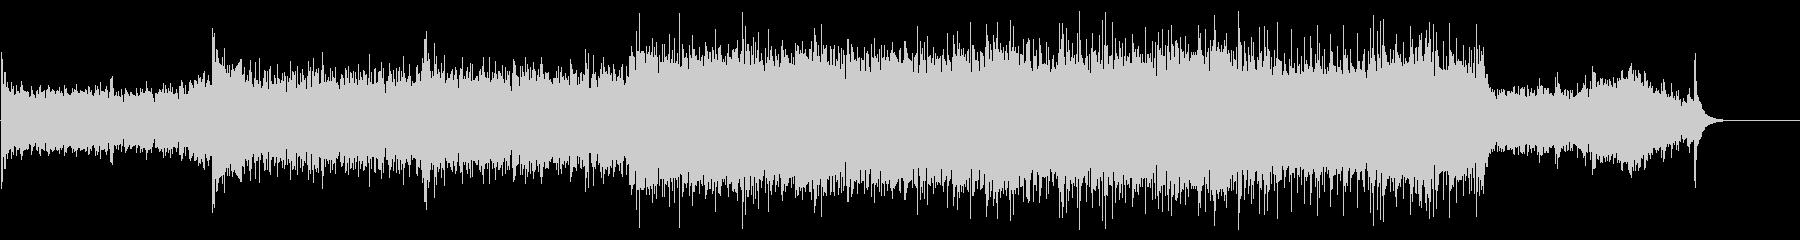 サスペンス。エレクトリックピアノソロ。の未再生の波形